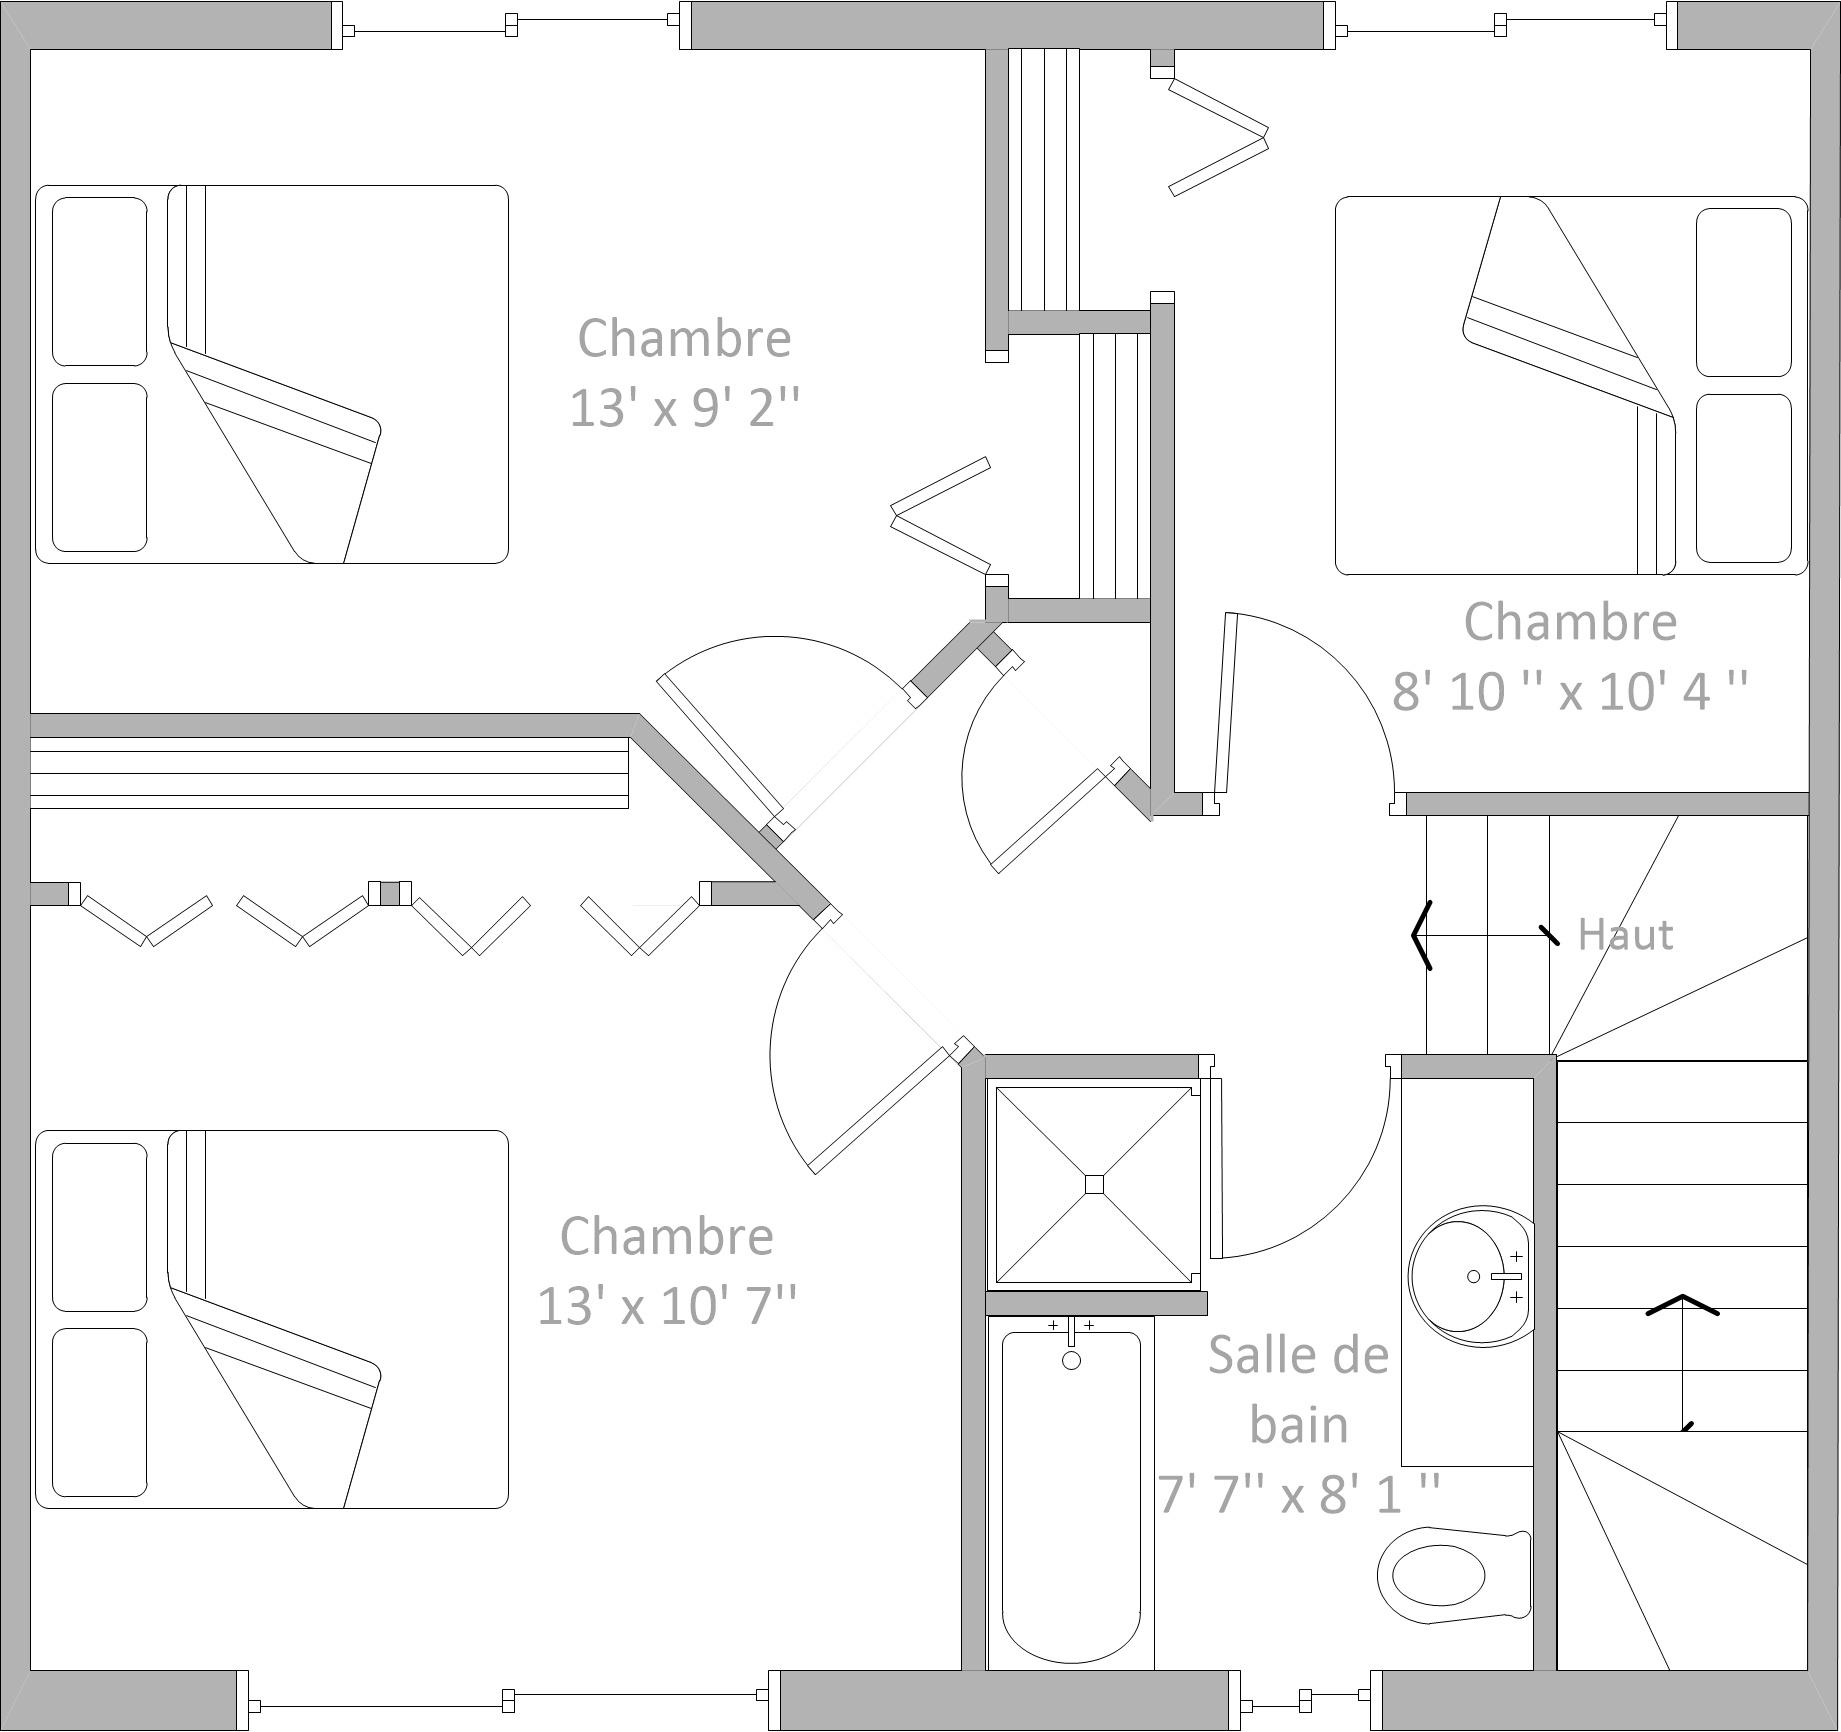 Plan de l'étage proposé